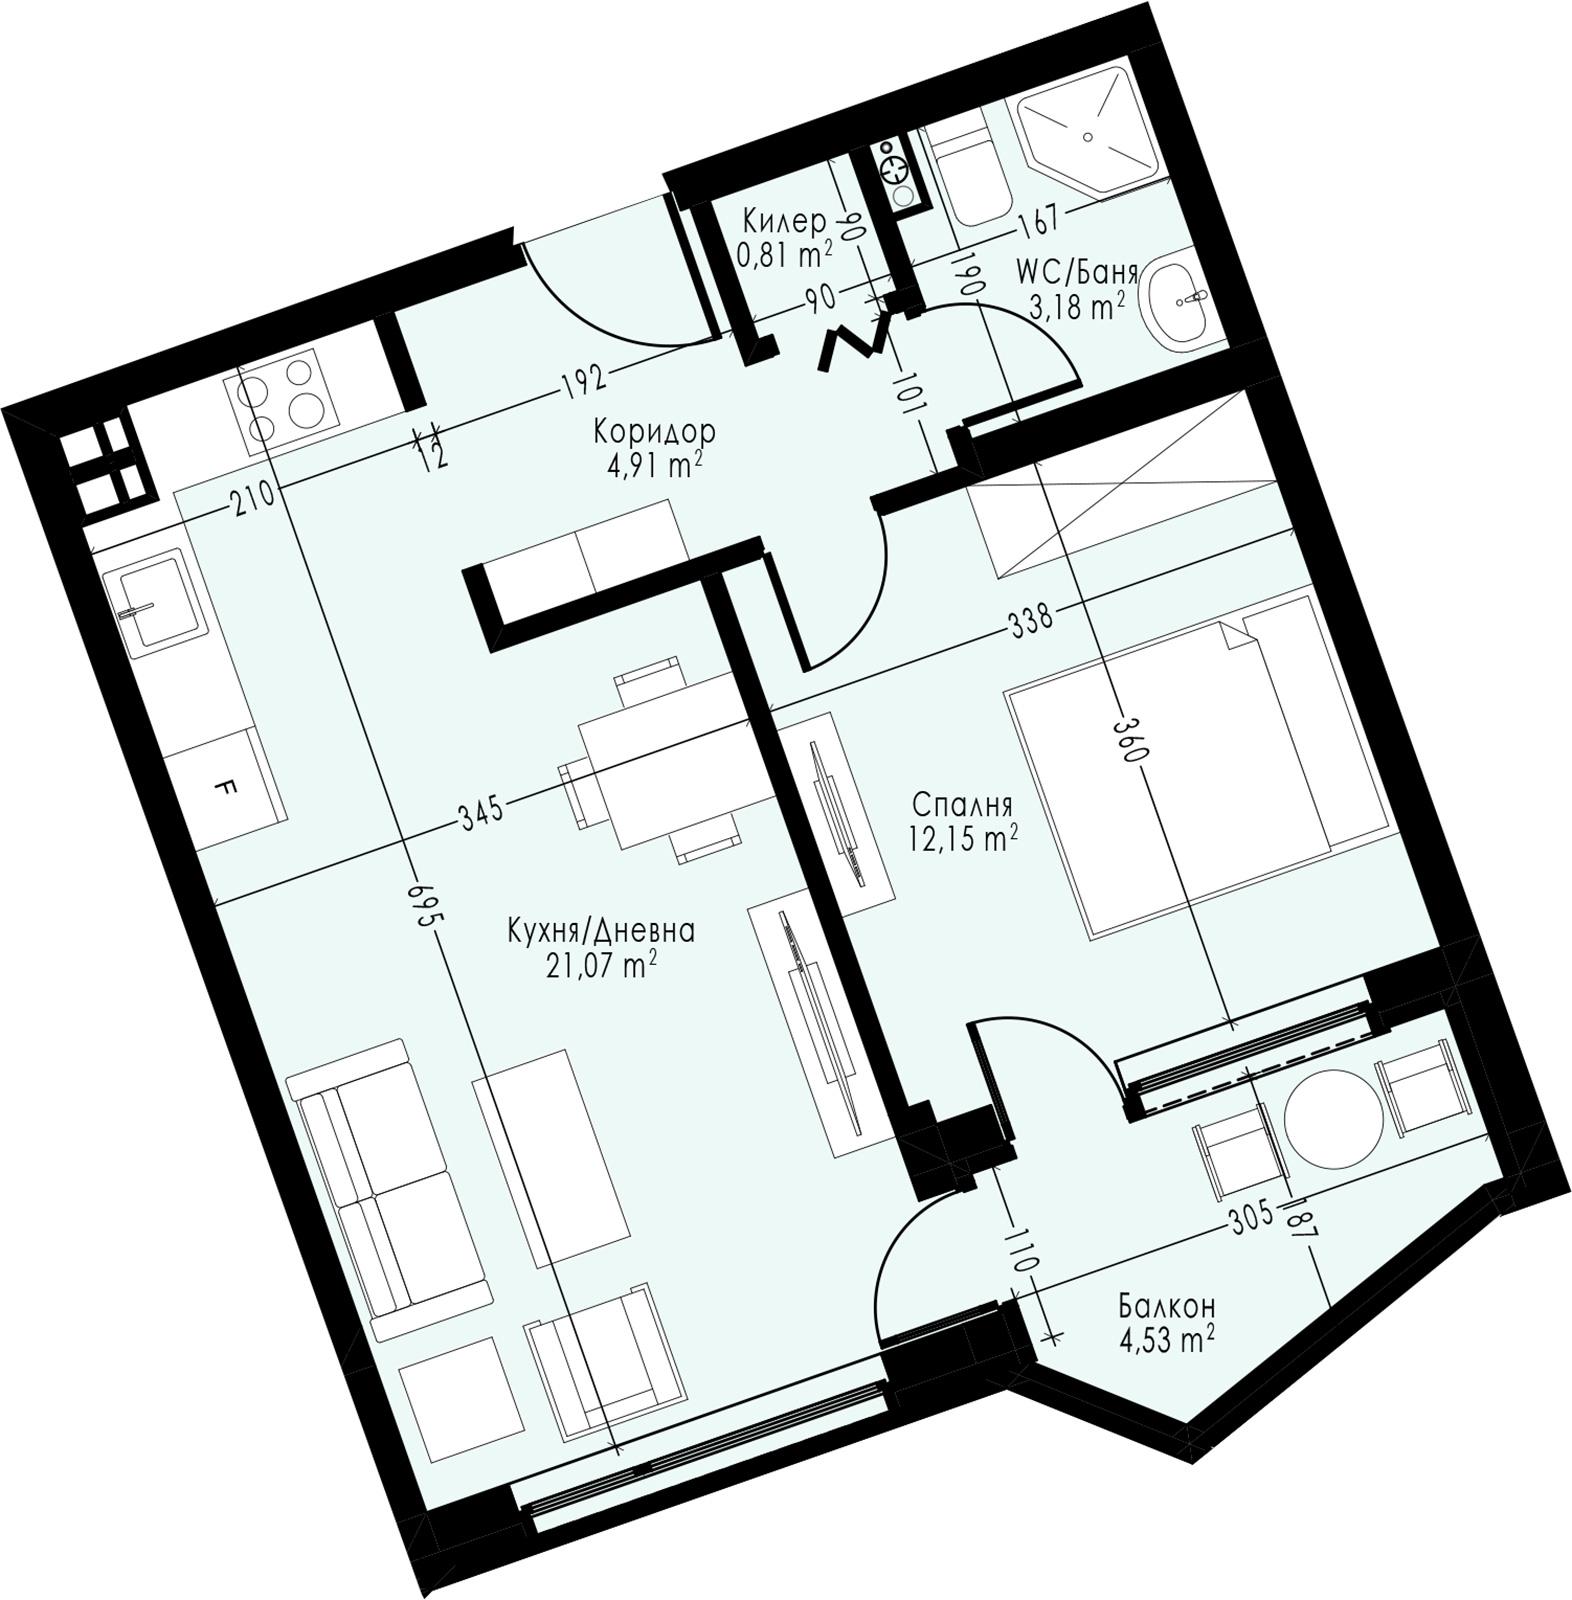 Апартамент 13